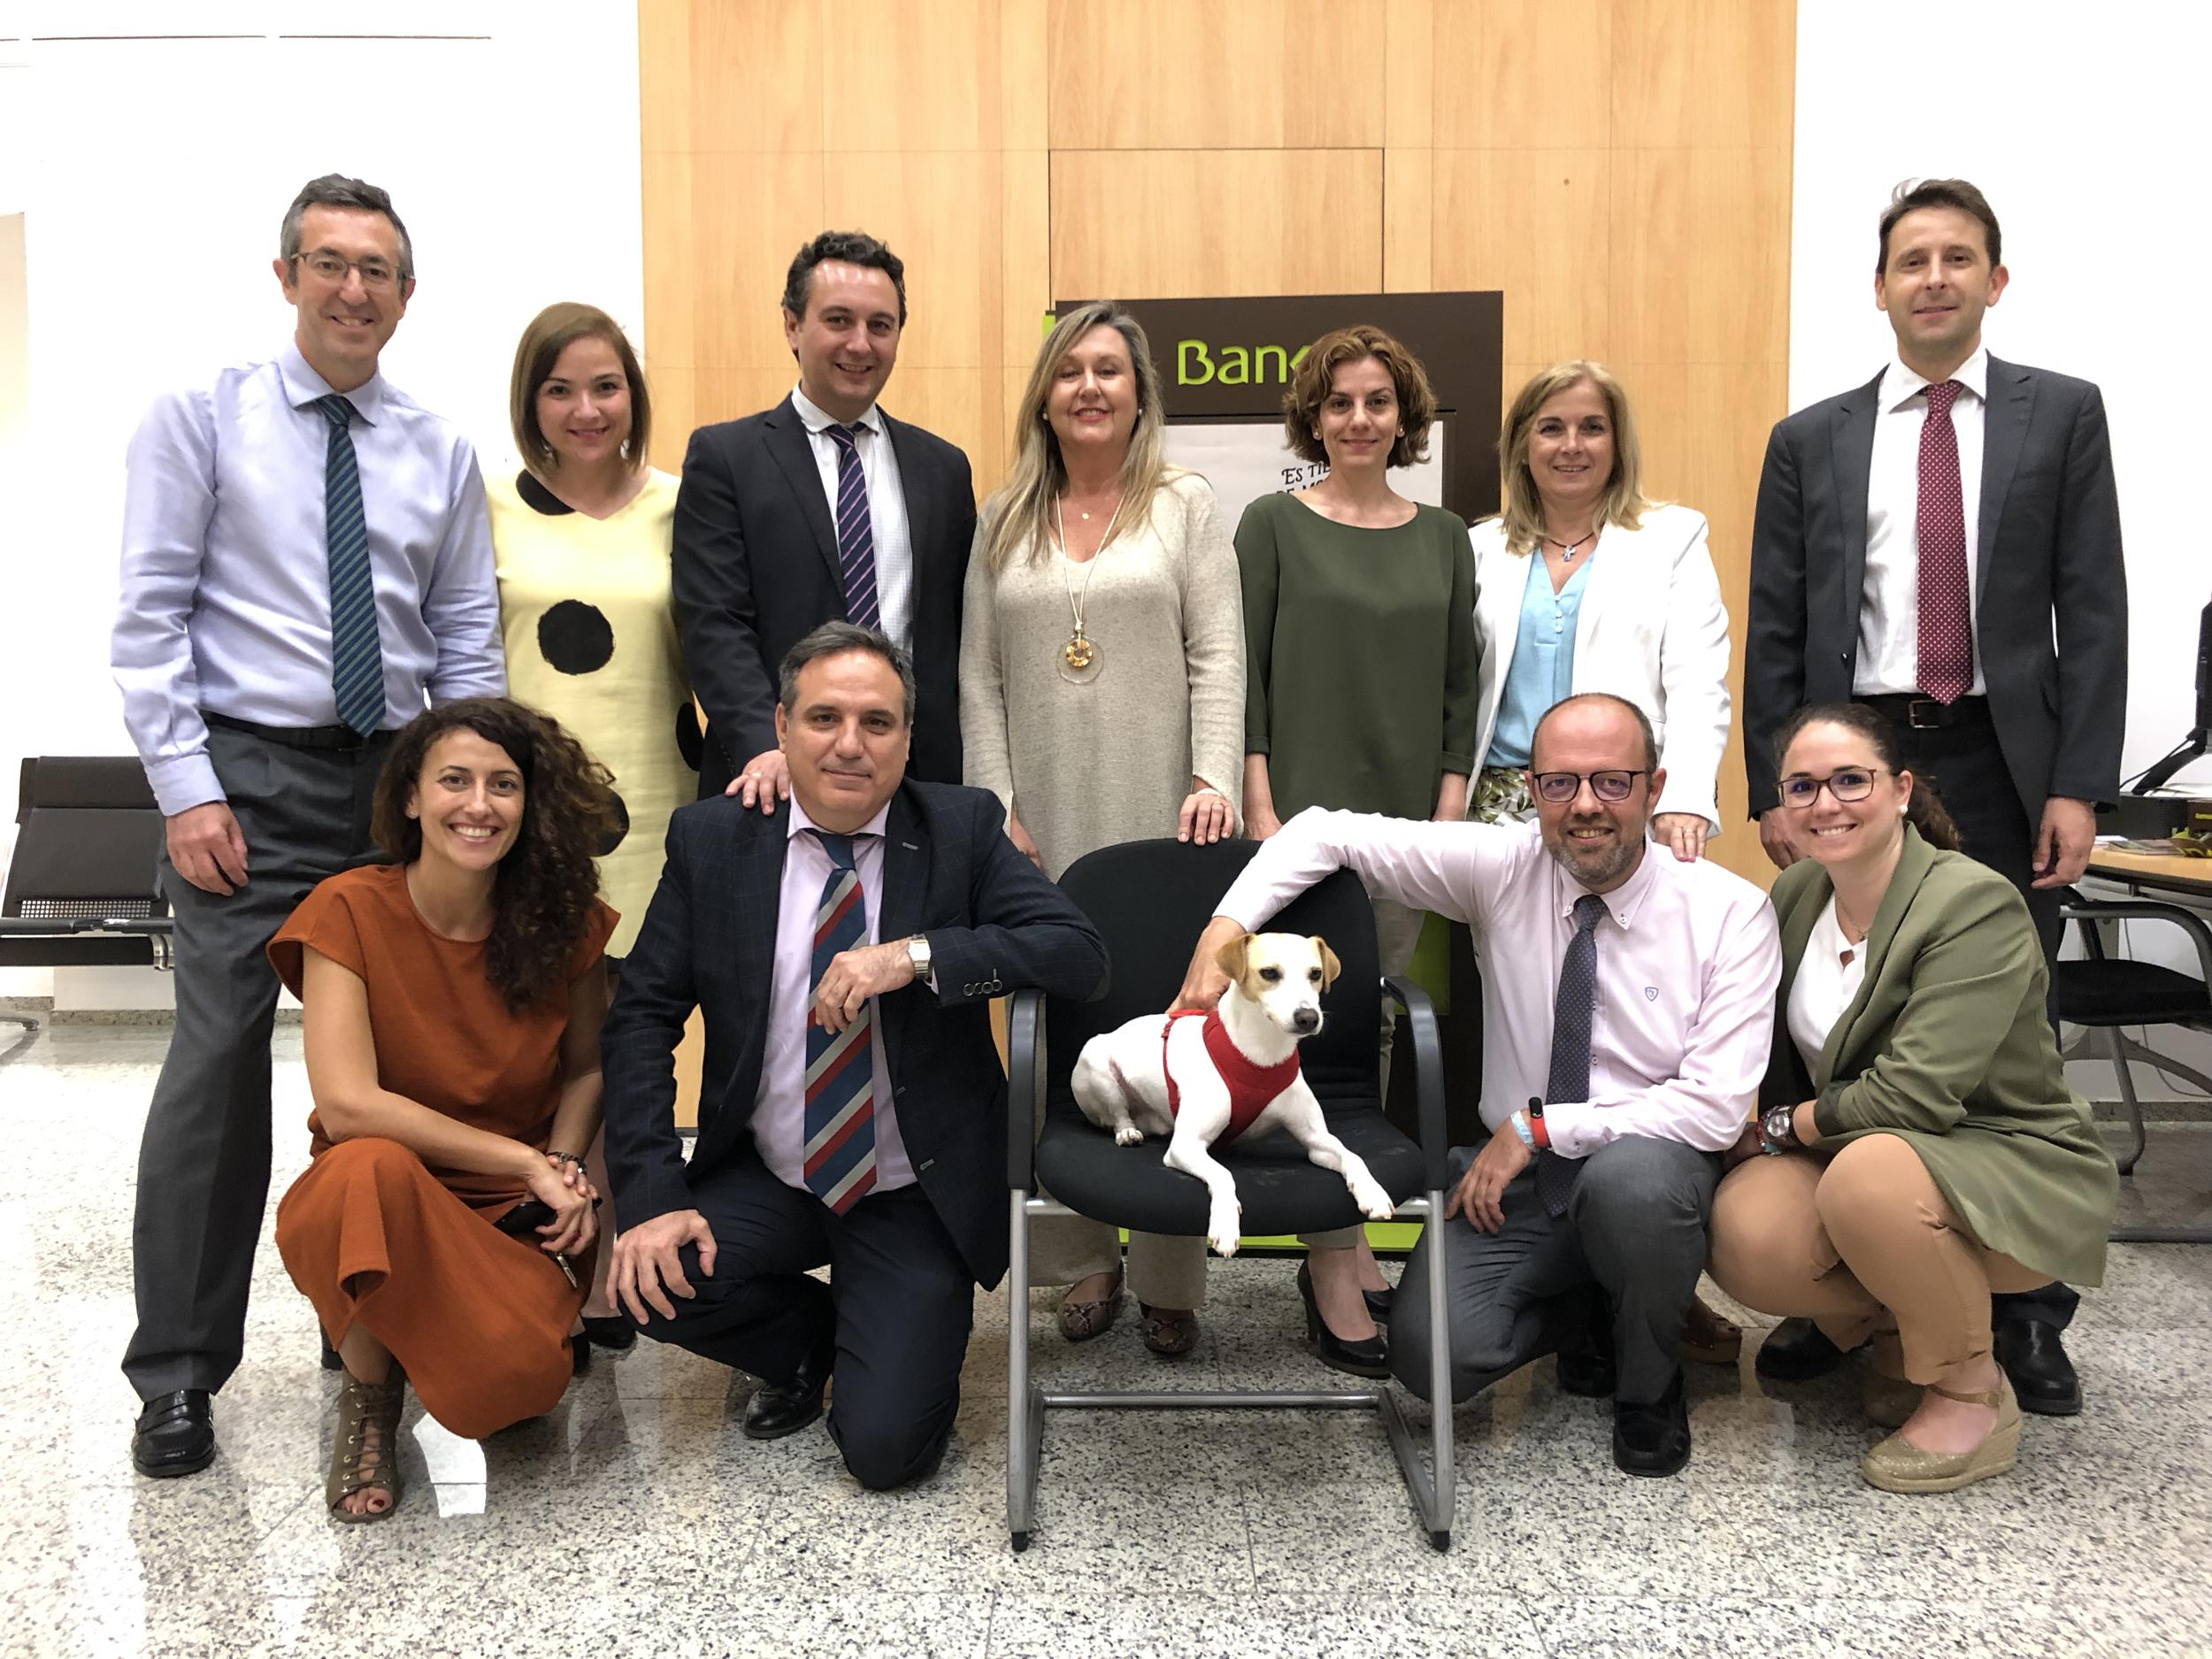 Con compañeros de Bankia de Málaga.